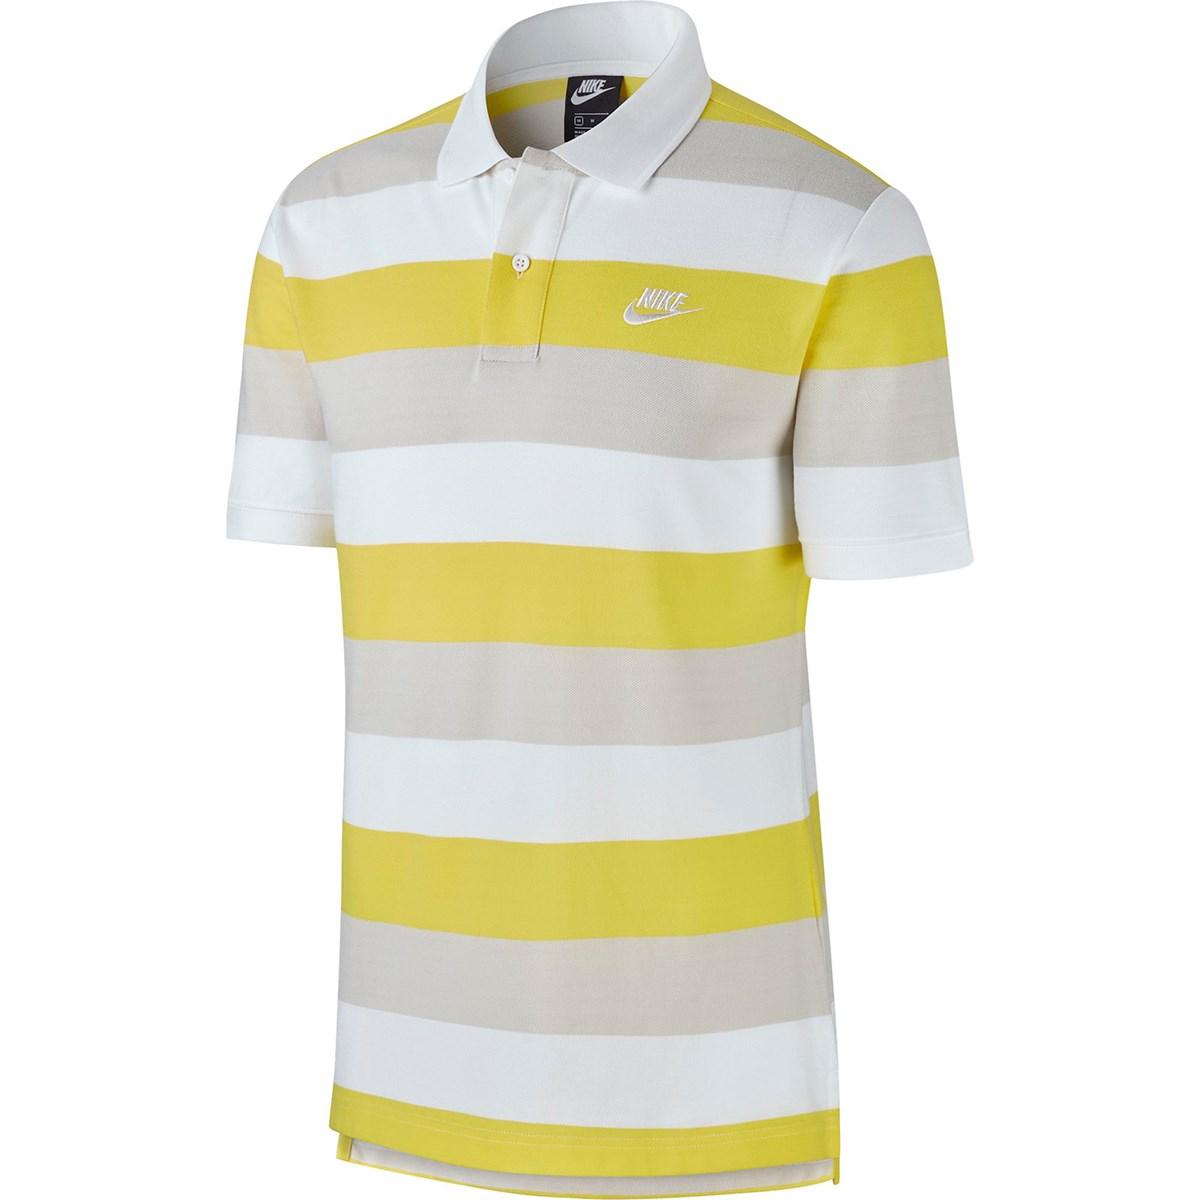 ナイキ(NIKE) マッチアップストライプ半袖ポロシャツ